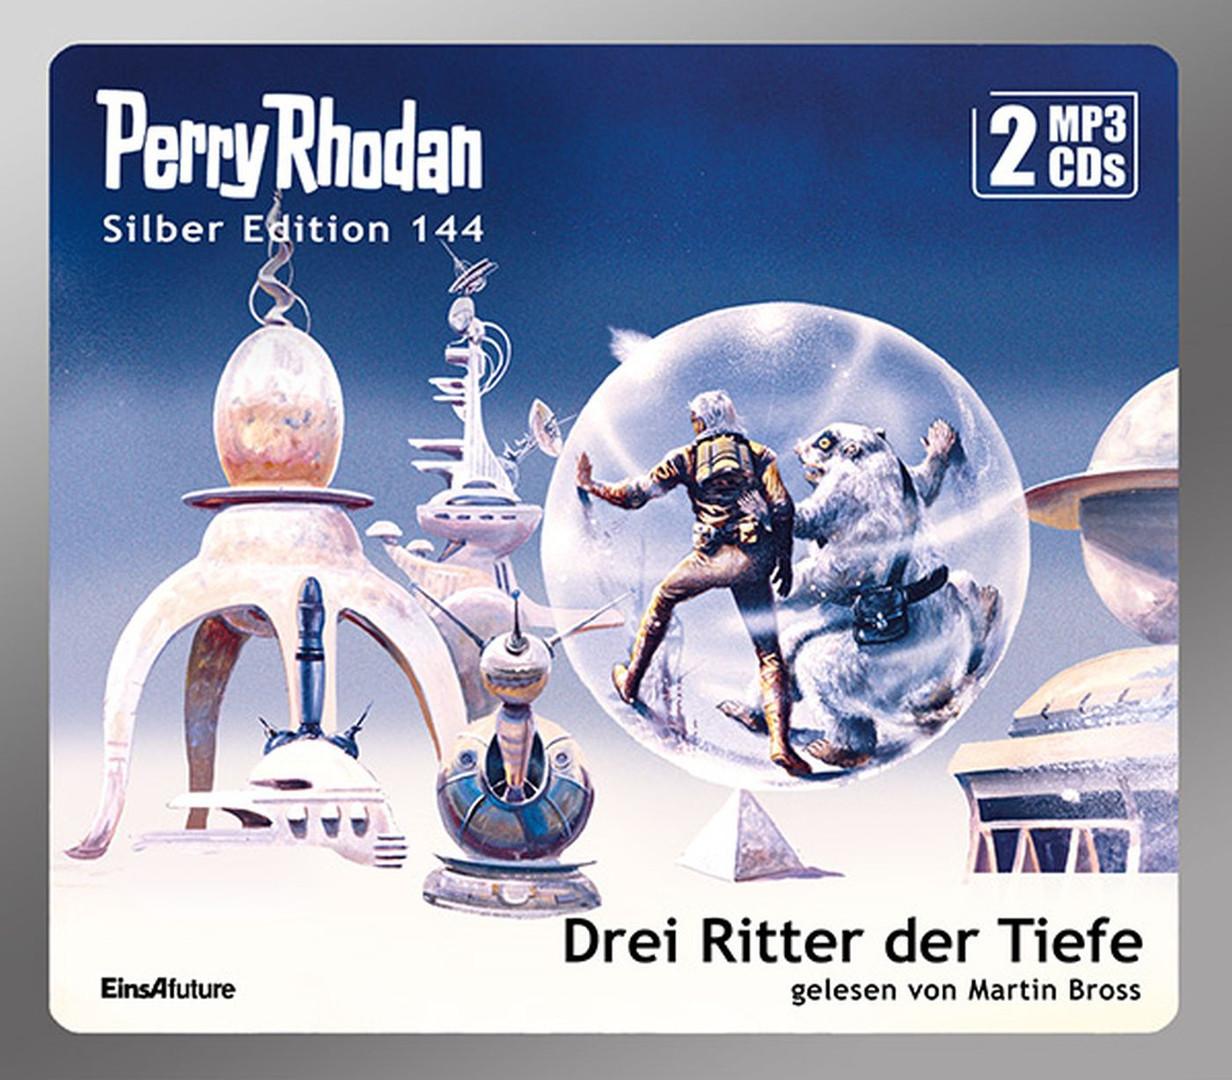 Perry Rhodan Silber Edition 144: Drei Ritter der Tiefe (2 mp3-CDs)